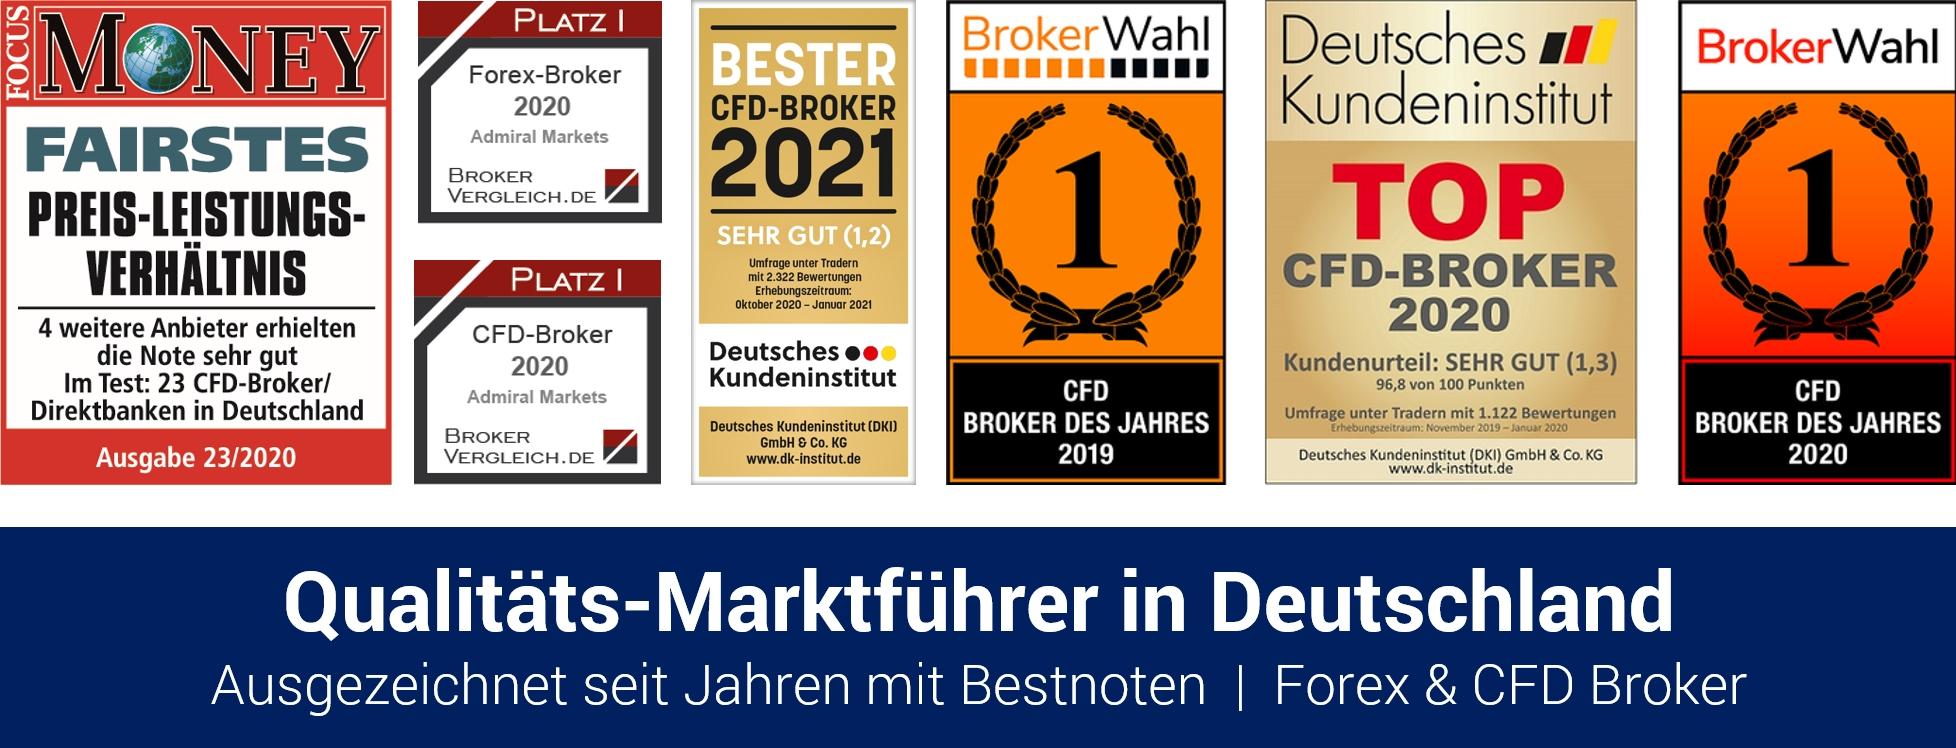 Bester CFD Broker 2021 in Deutschland - Qualitäts-Marktführer